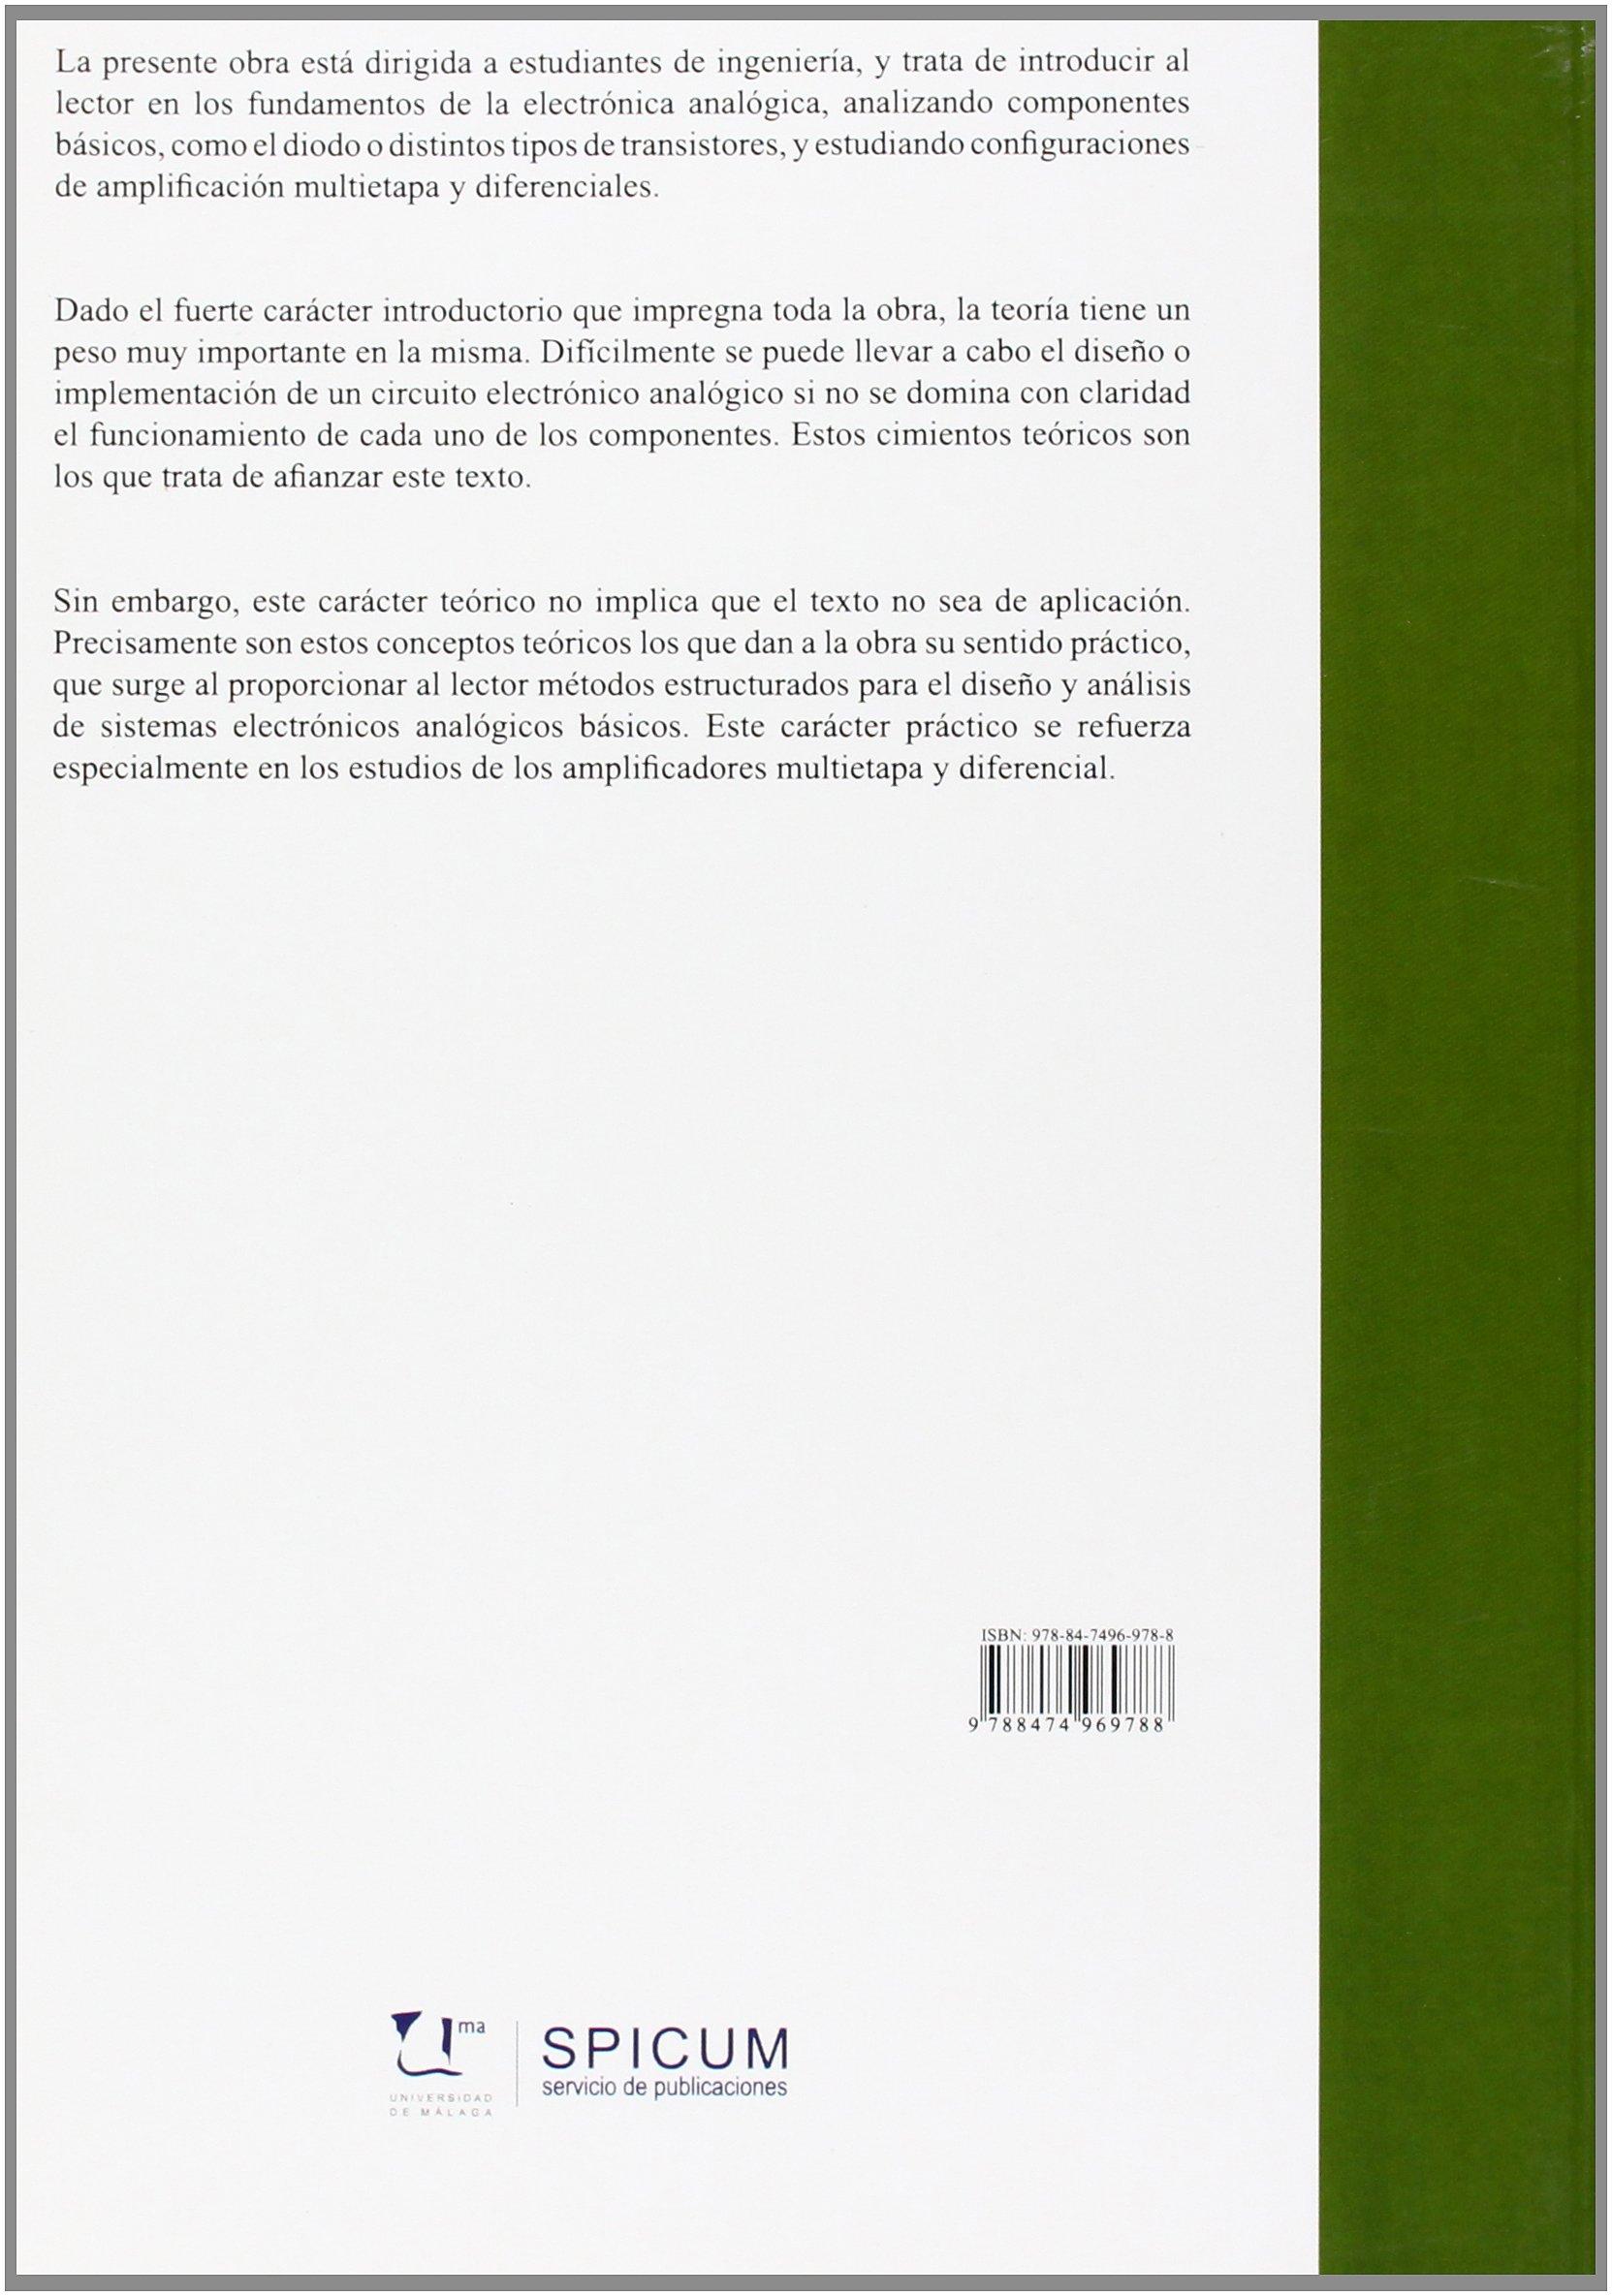 Fundamentos de electrónica analógica: Servicio de Publicaciones de la Universidad de Málaga. UMA: 9788474969788: Amazon.com: Books